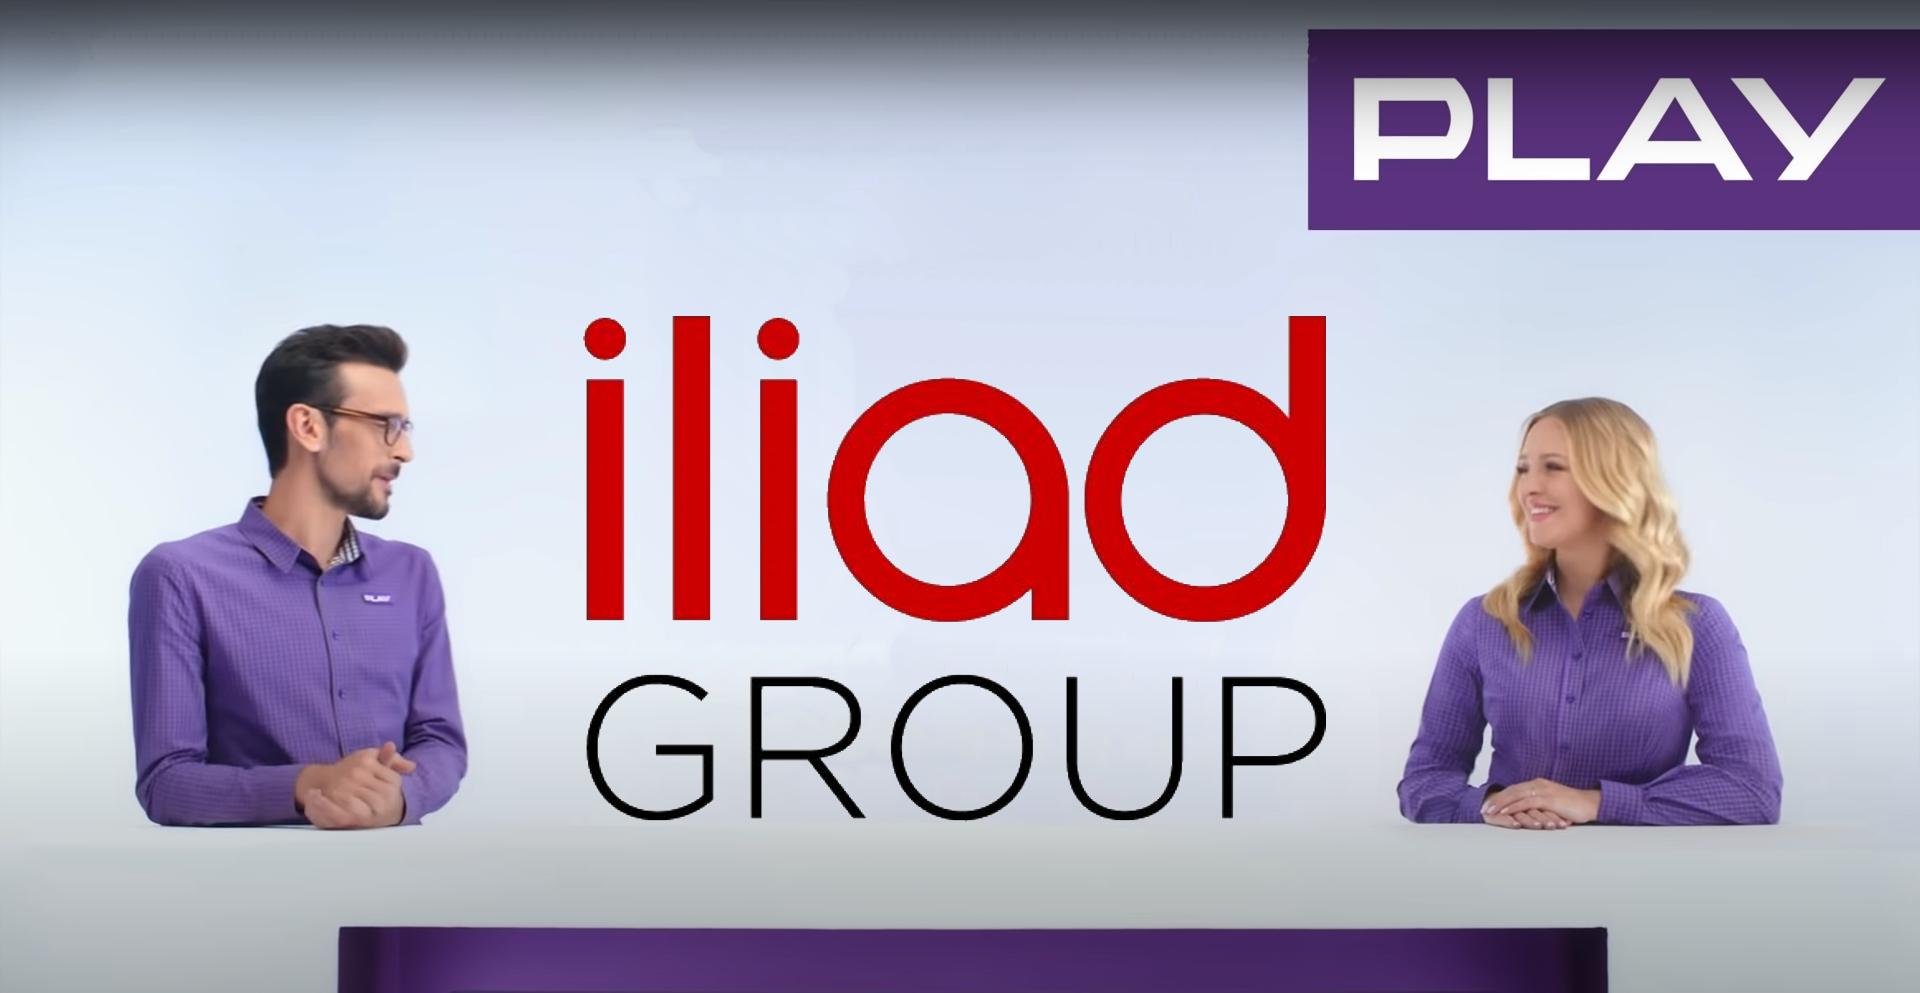 Play iliad Group Przejęcie